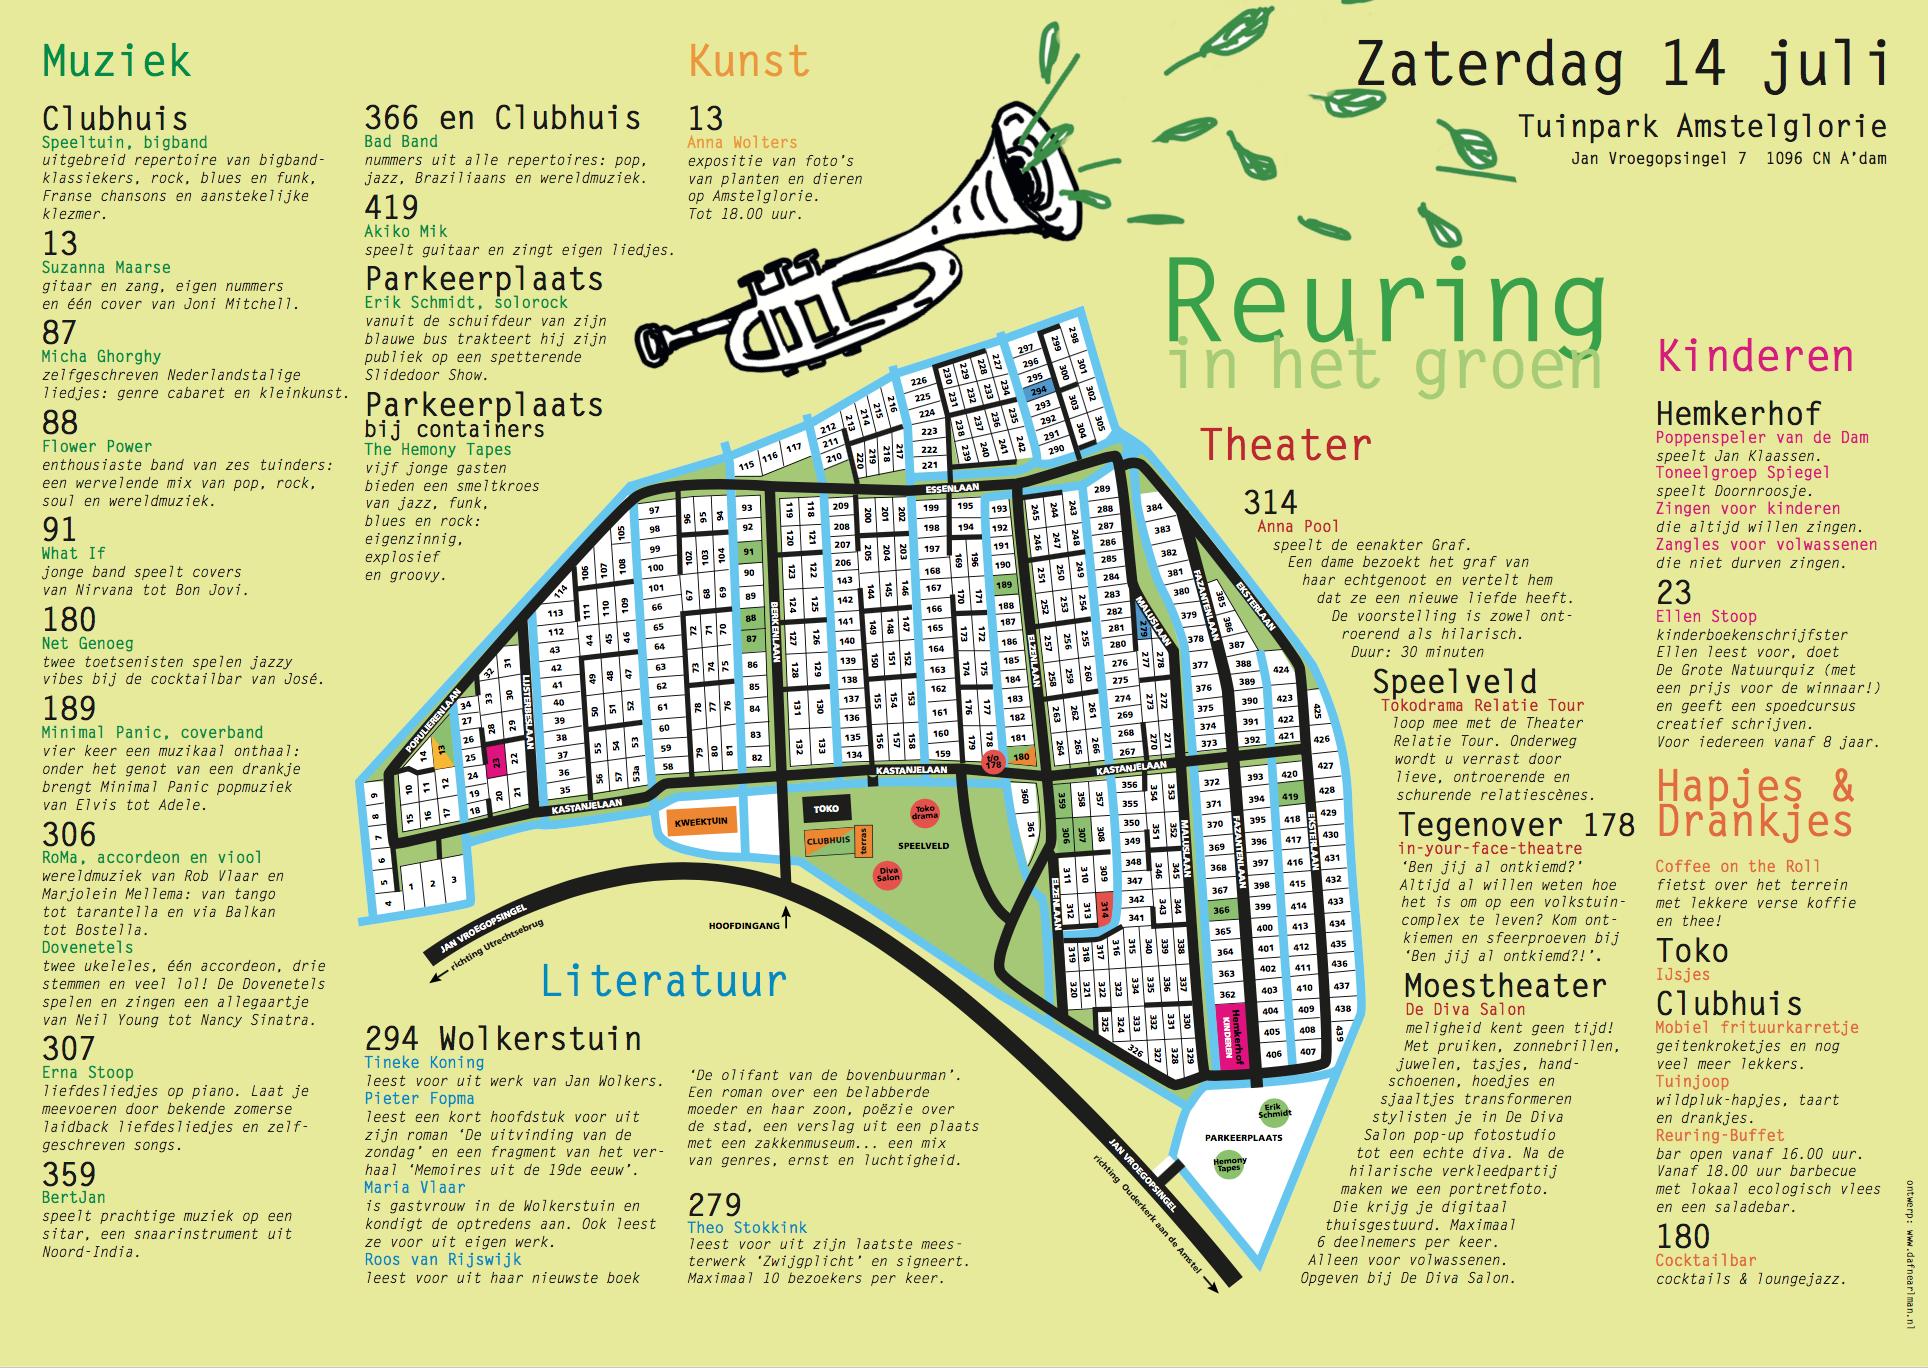 Amstelglorie Reuring in het Groen